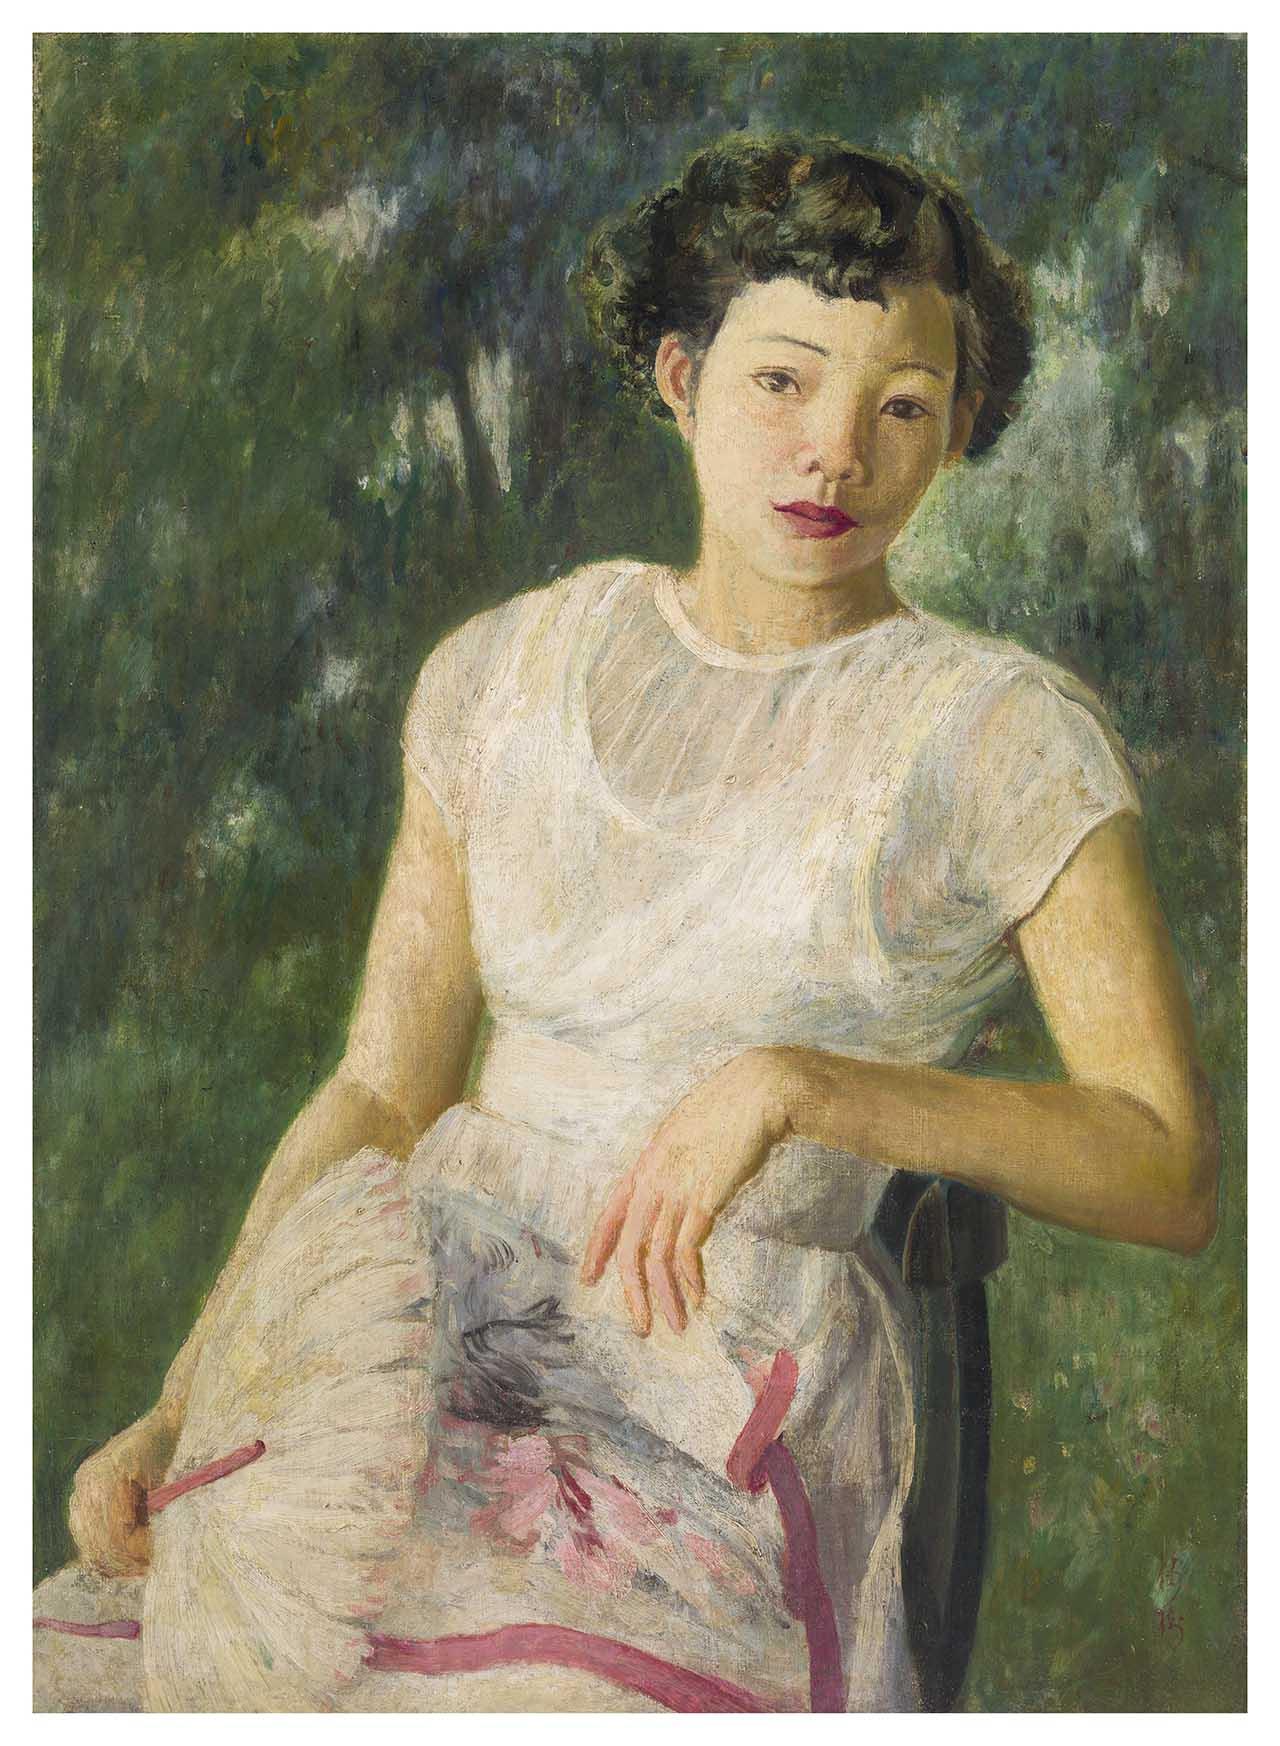 李梅樹 穿白洋裝的少女 油彩畫布 20F